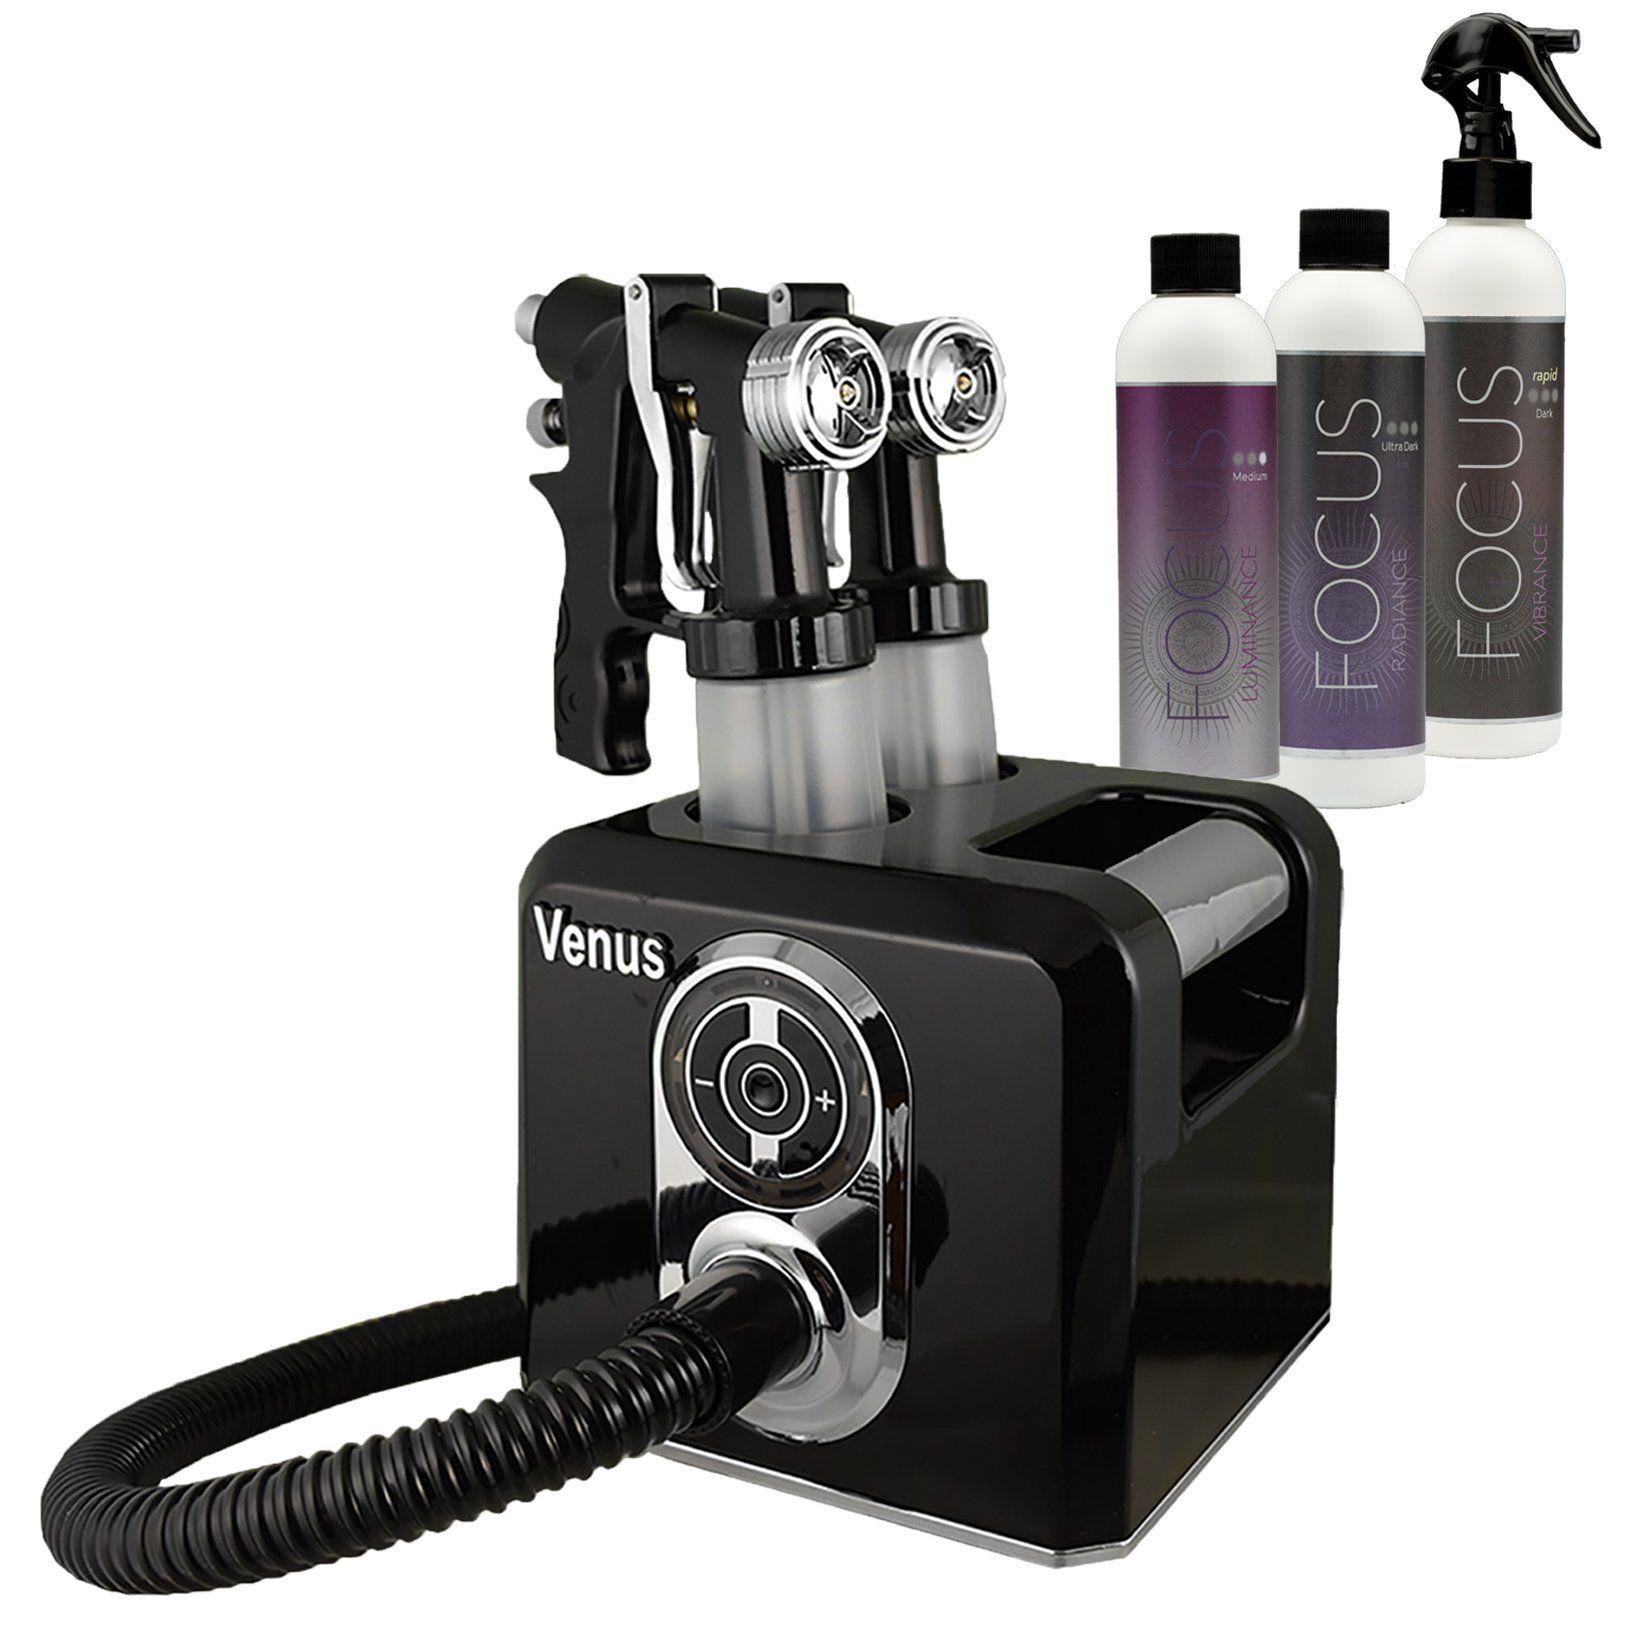 Venus Spray Tanning Machine Kit with Sunless Airbrush